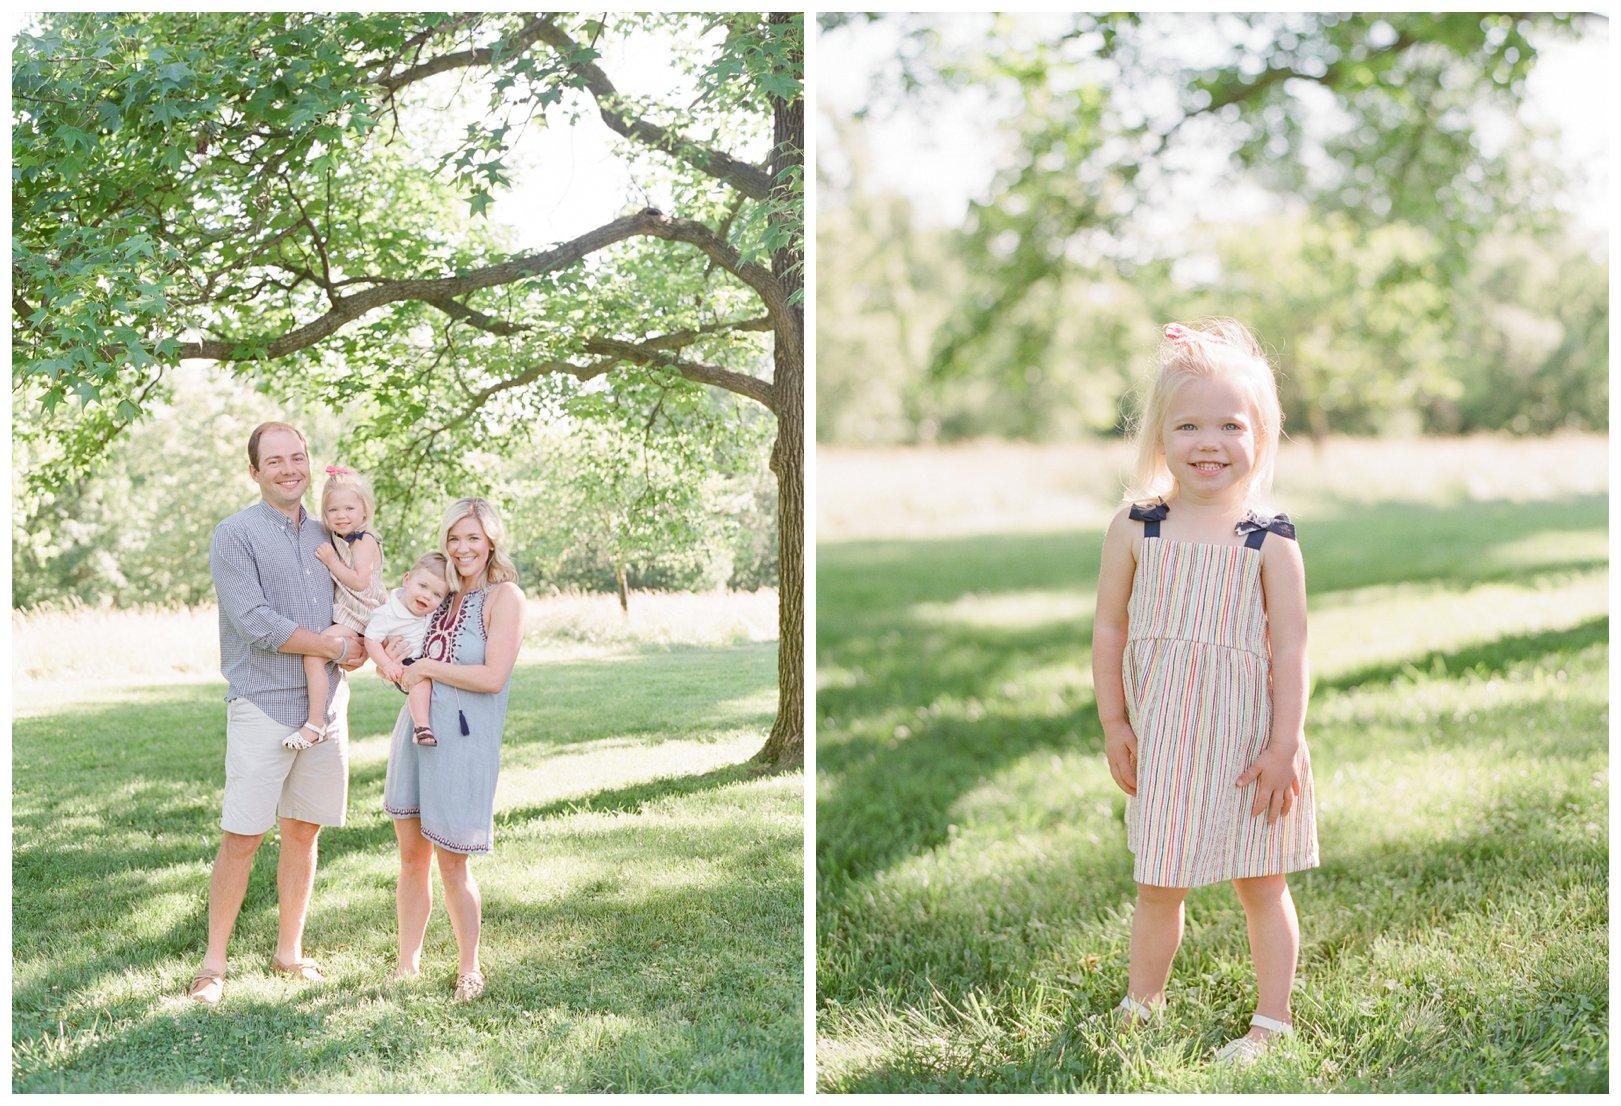 lauren muckler photography_fine art film wedding photography_st louis_photography_3045.jpg